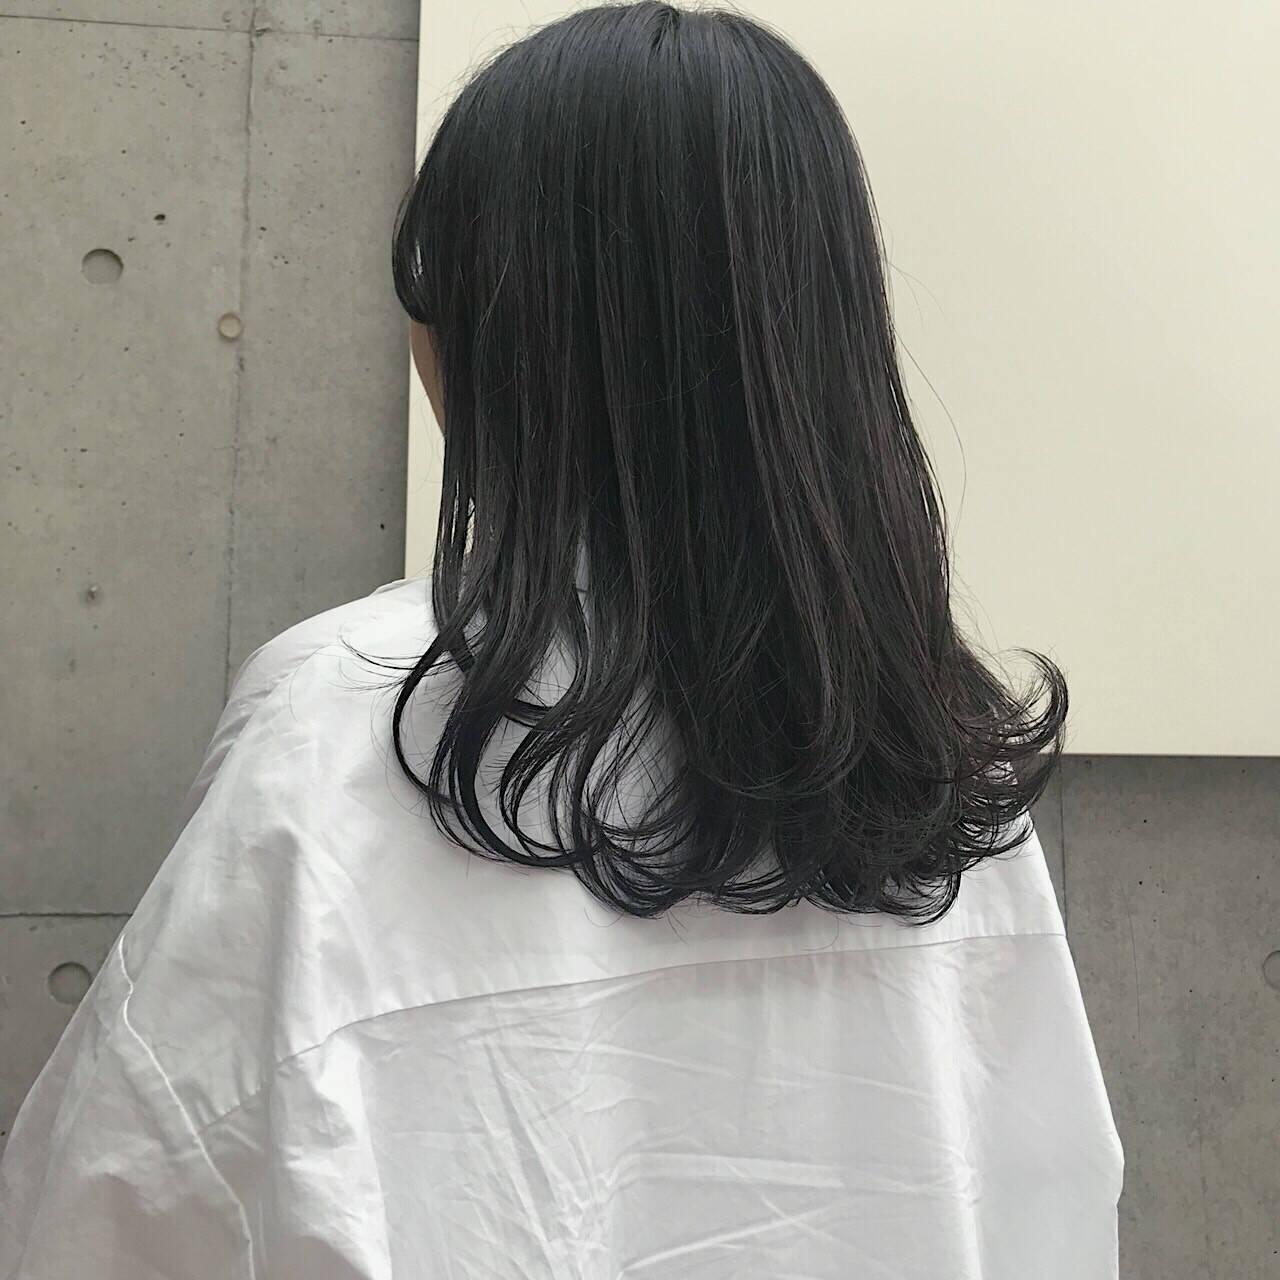 セミロング スモーキーアッシュベージュ アッシュベージュ グレージュヘアスタイルや髪型の写真・画像